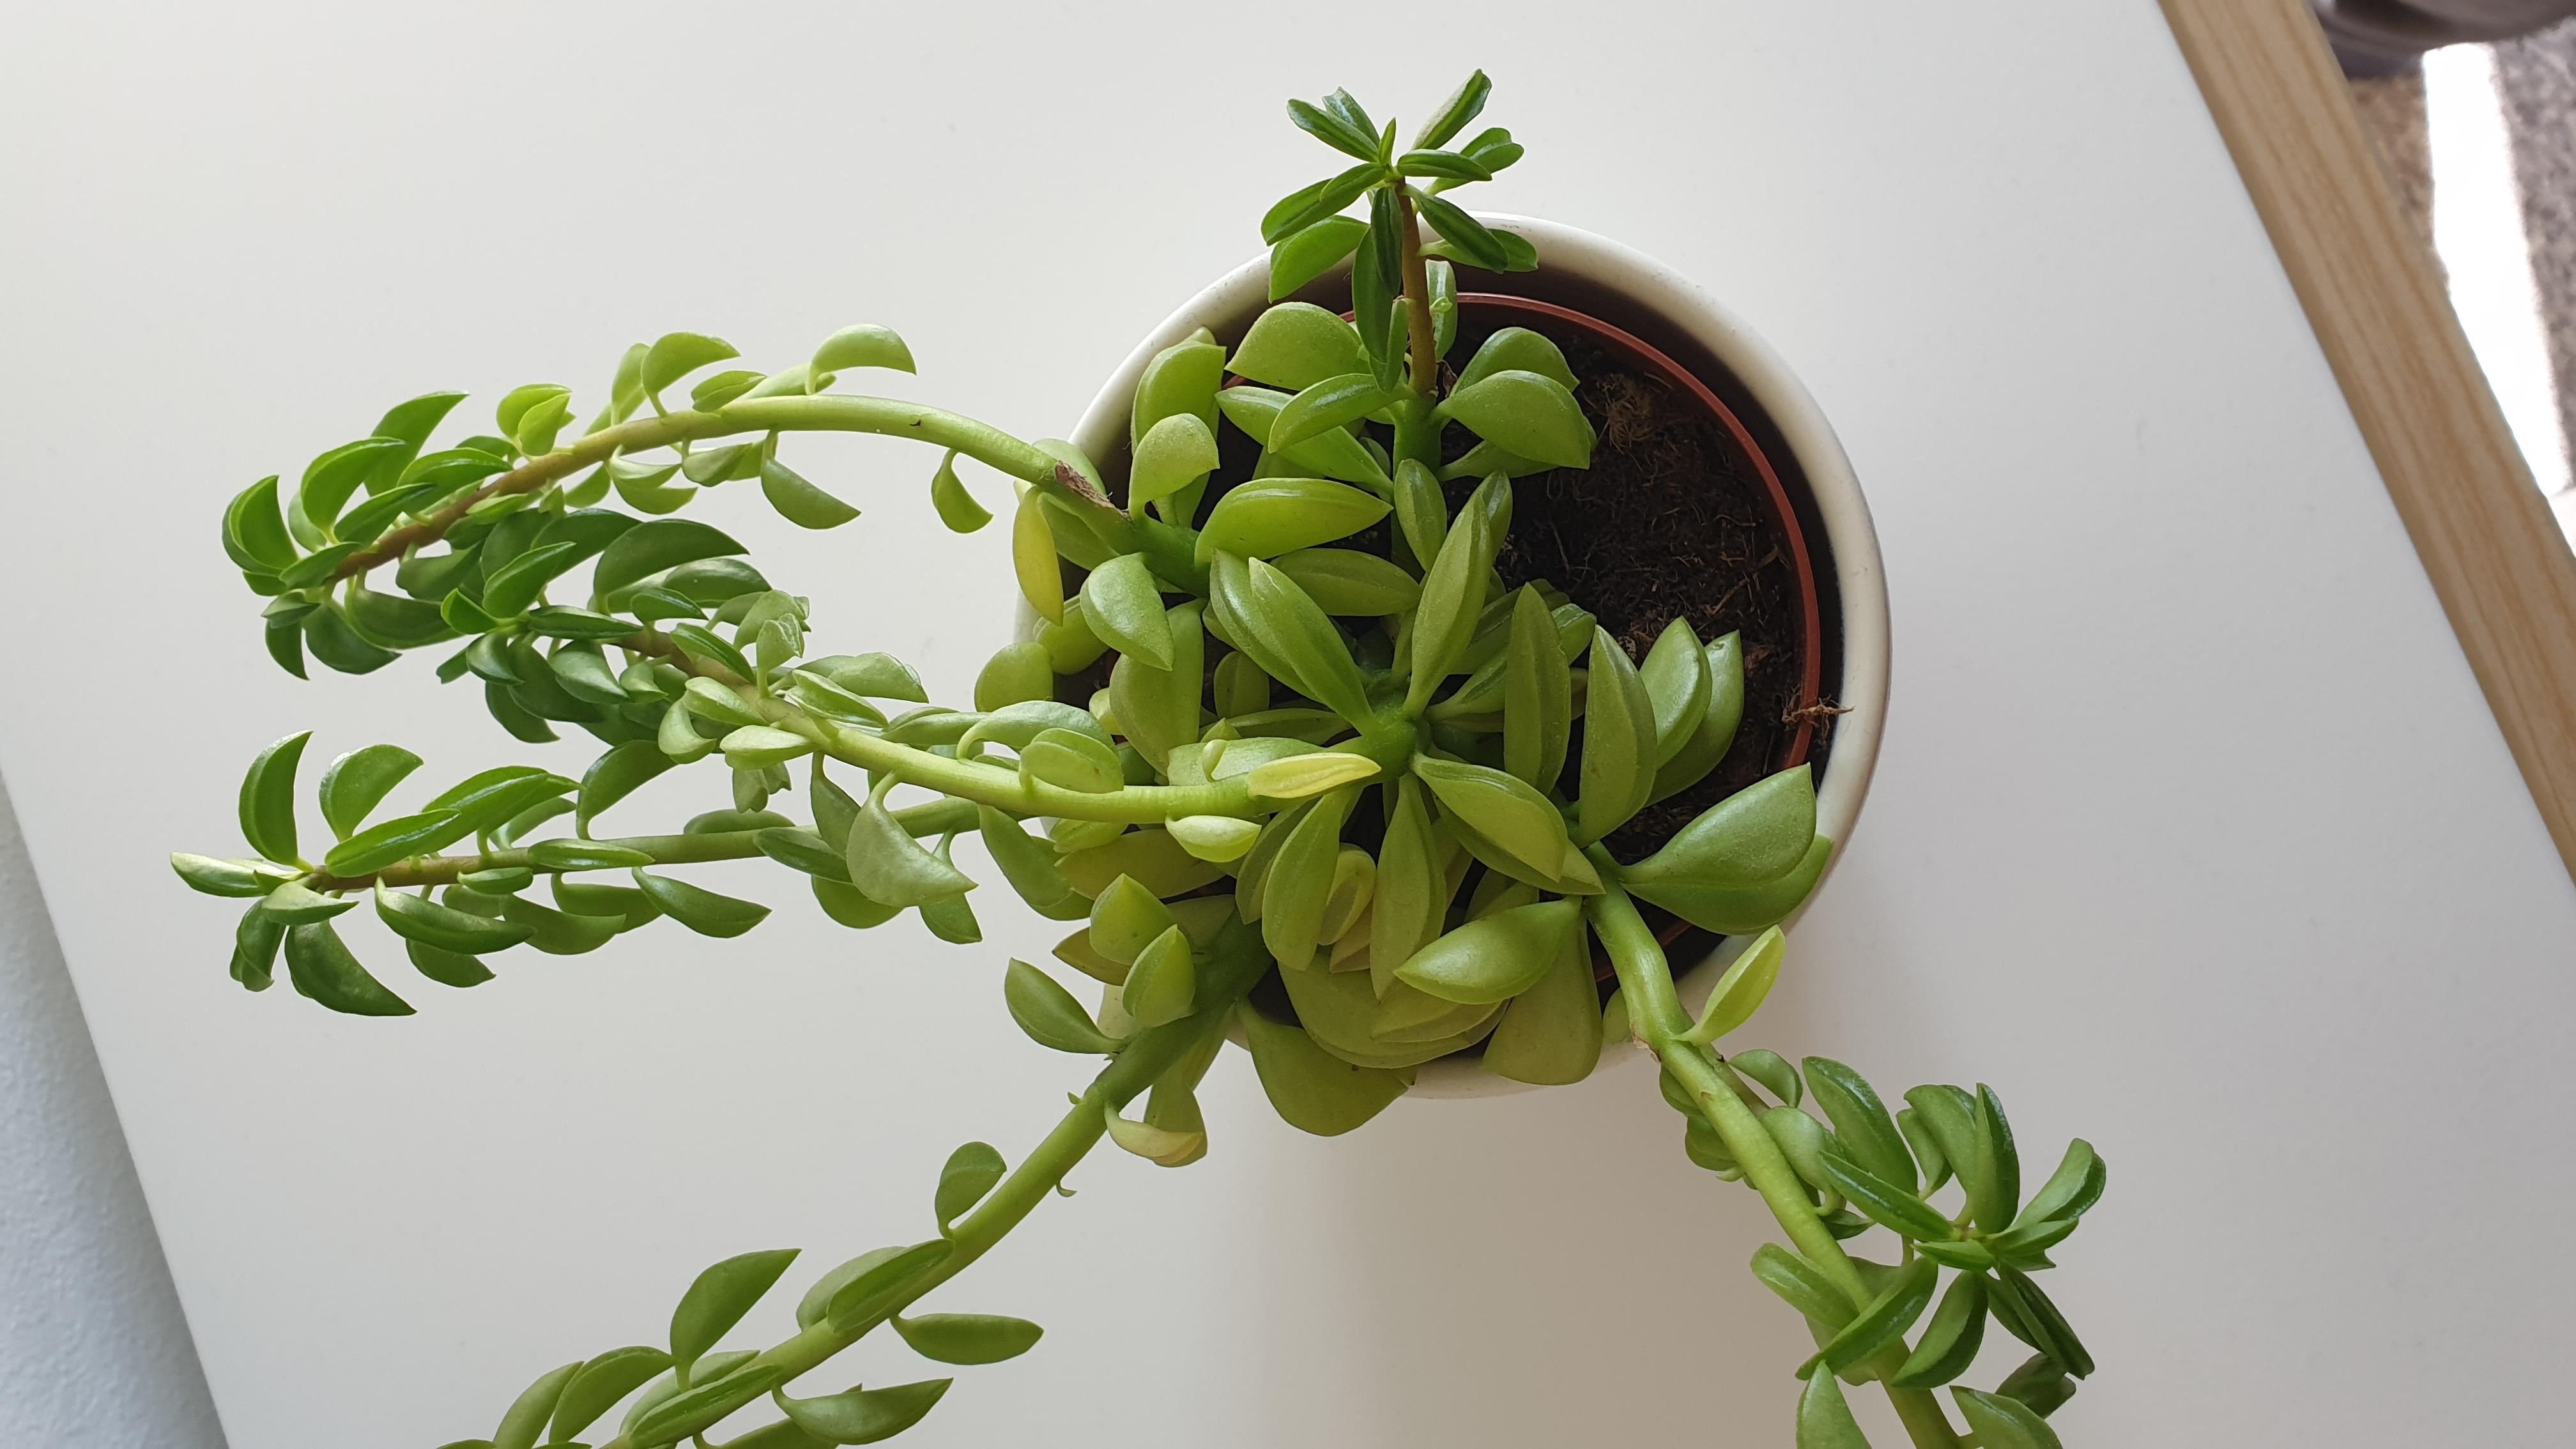 Wie Heißt Die Pflanze & Kann Ich Die Langen Stängel